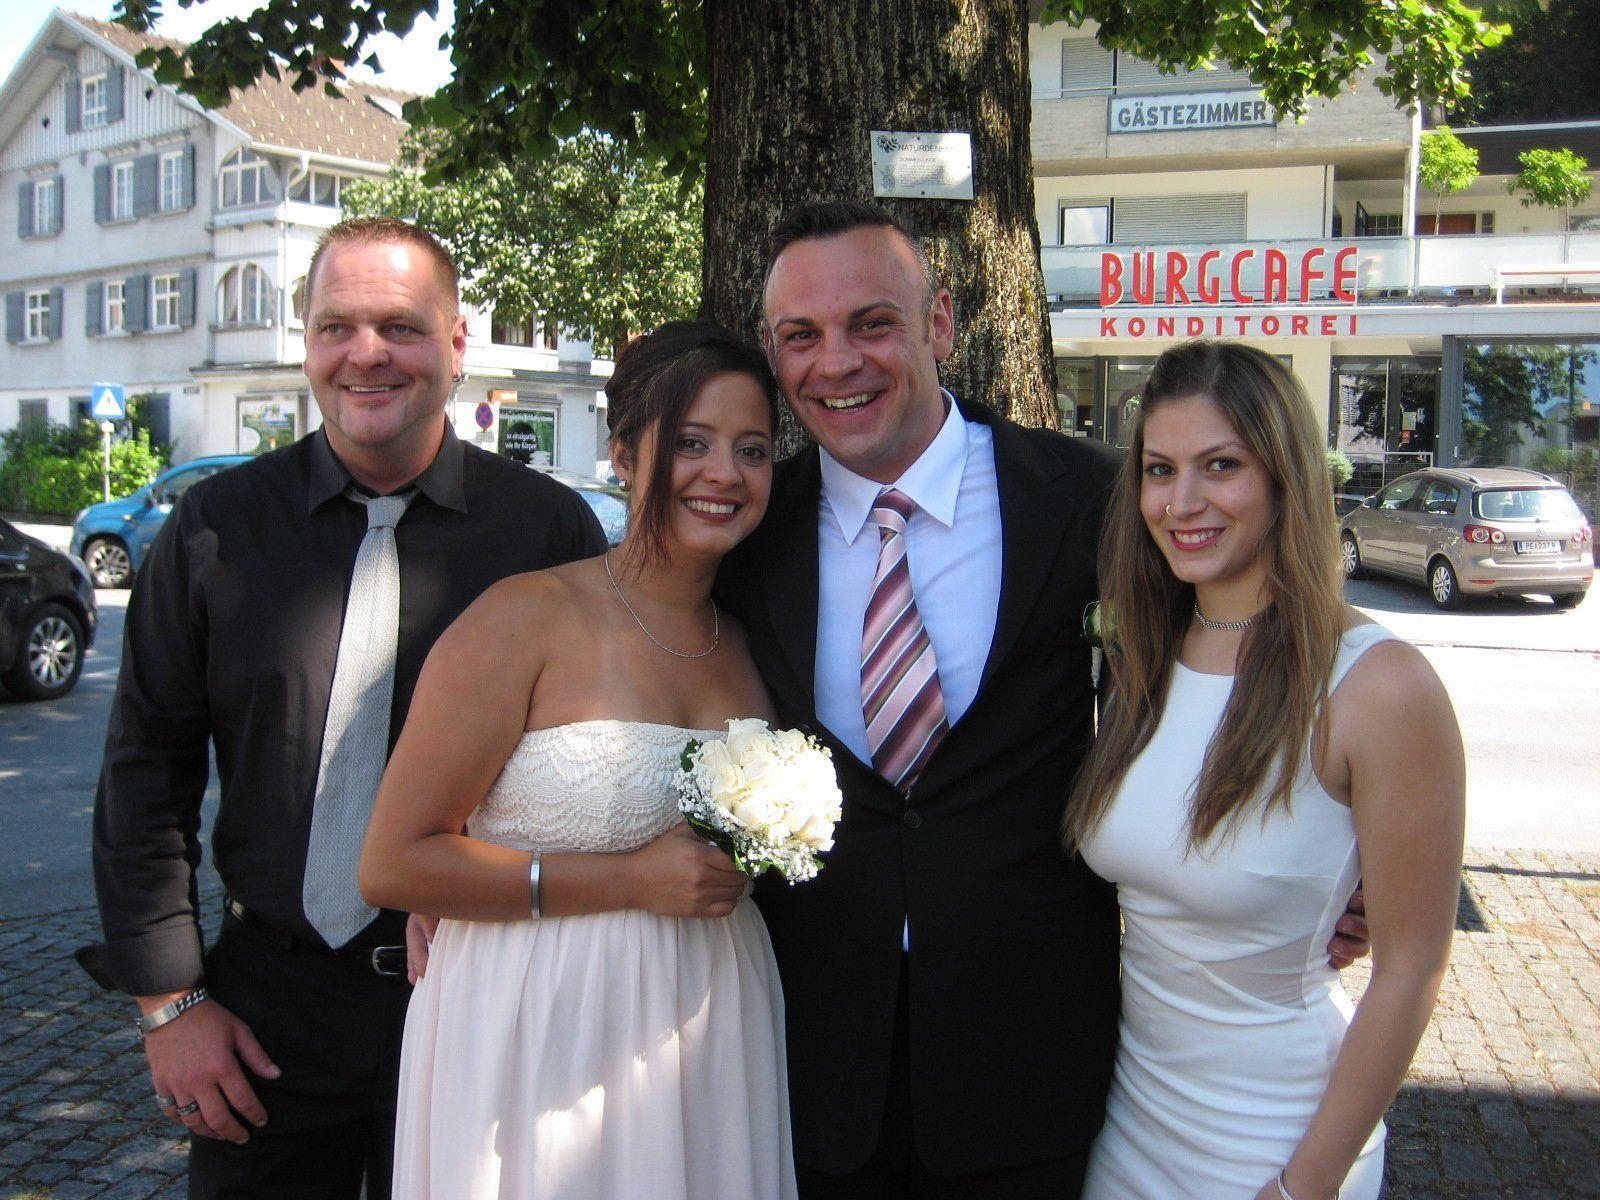 Tanja Odete Cruz Valencia und Almir Arapovic haben geheiratet.